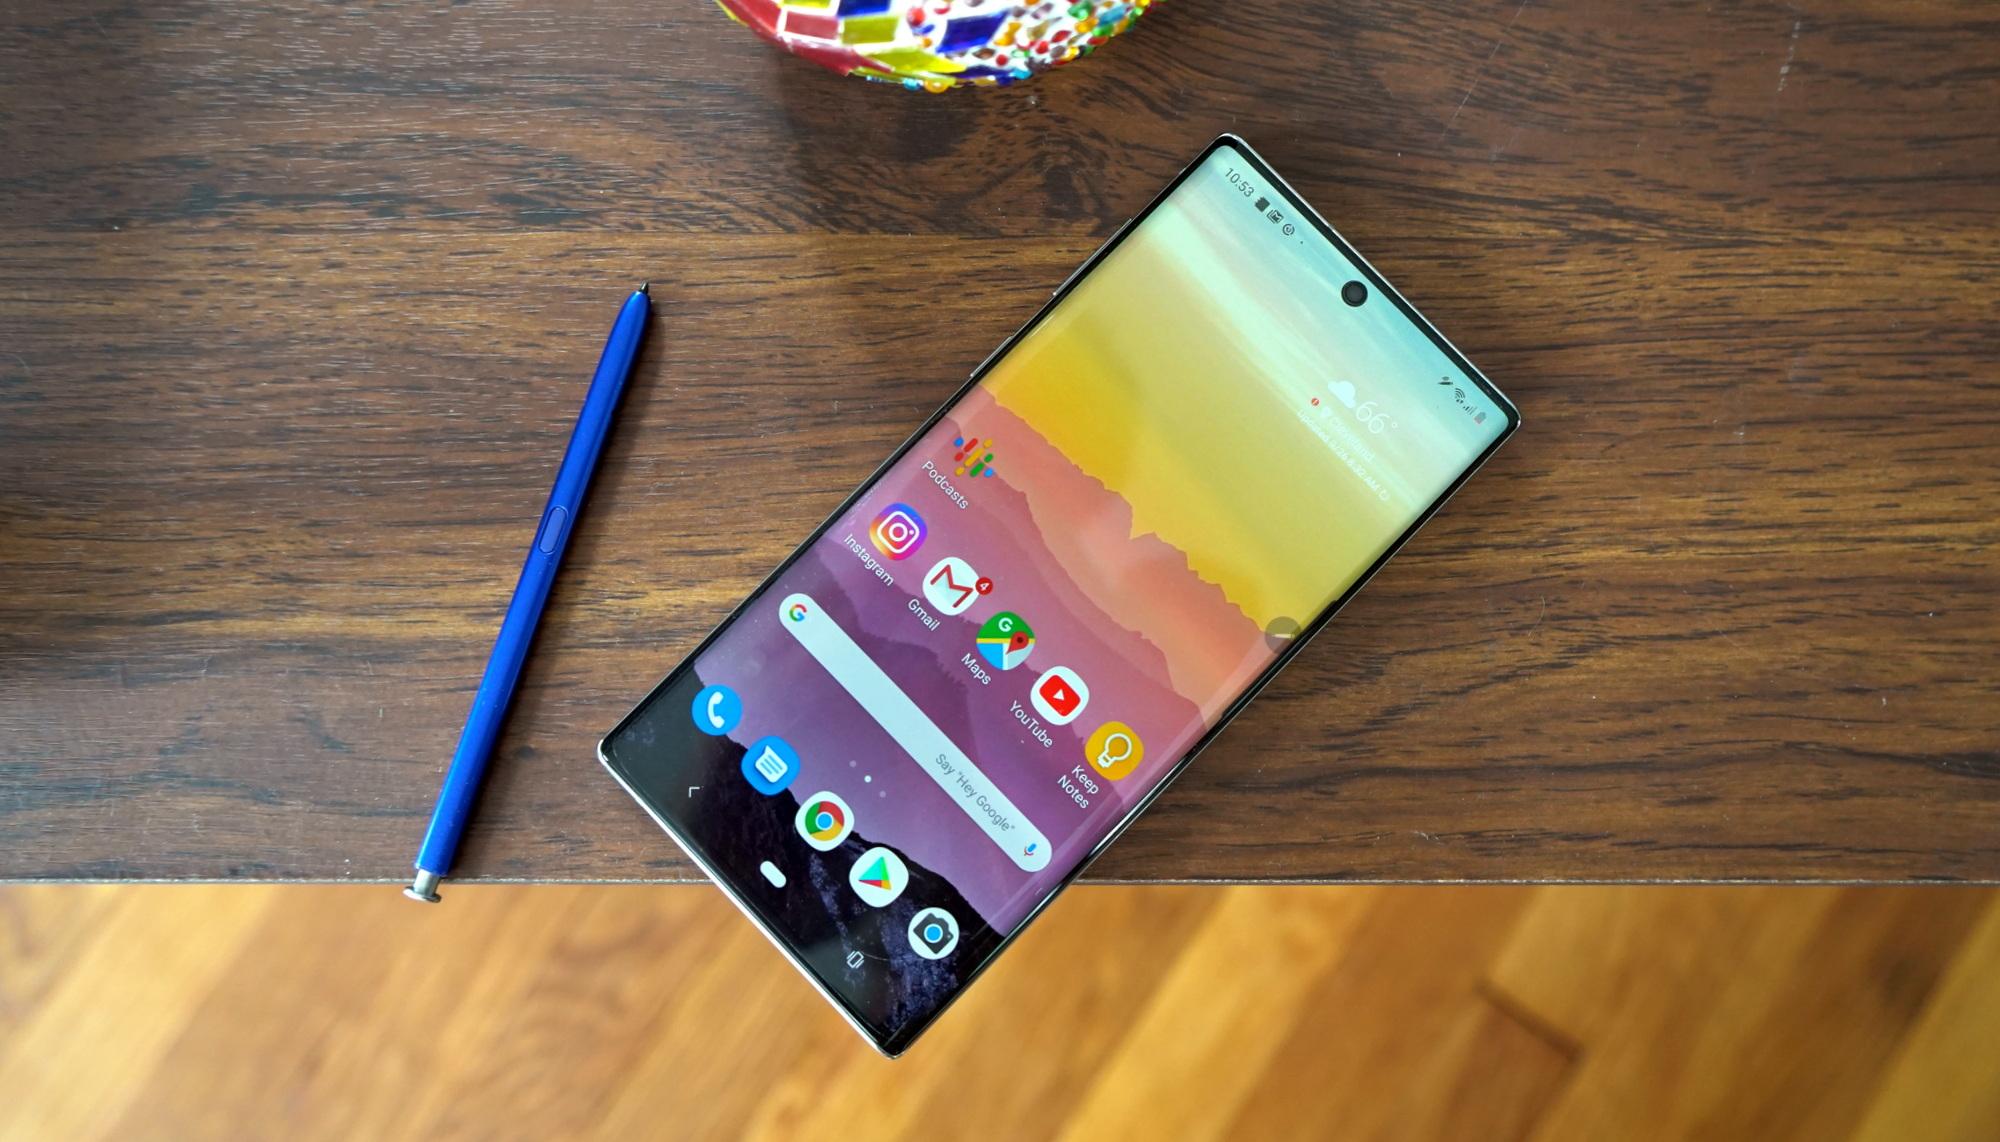 Со смартфонами Samsung Galaxy Note 10 начались проблемы после очередного обновления